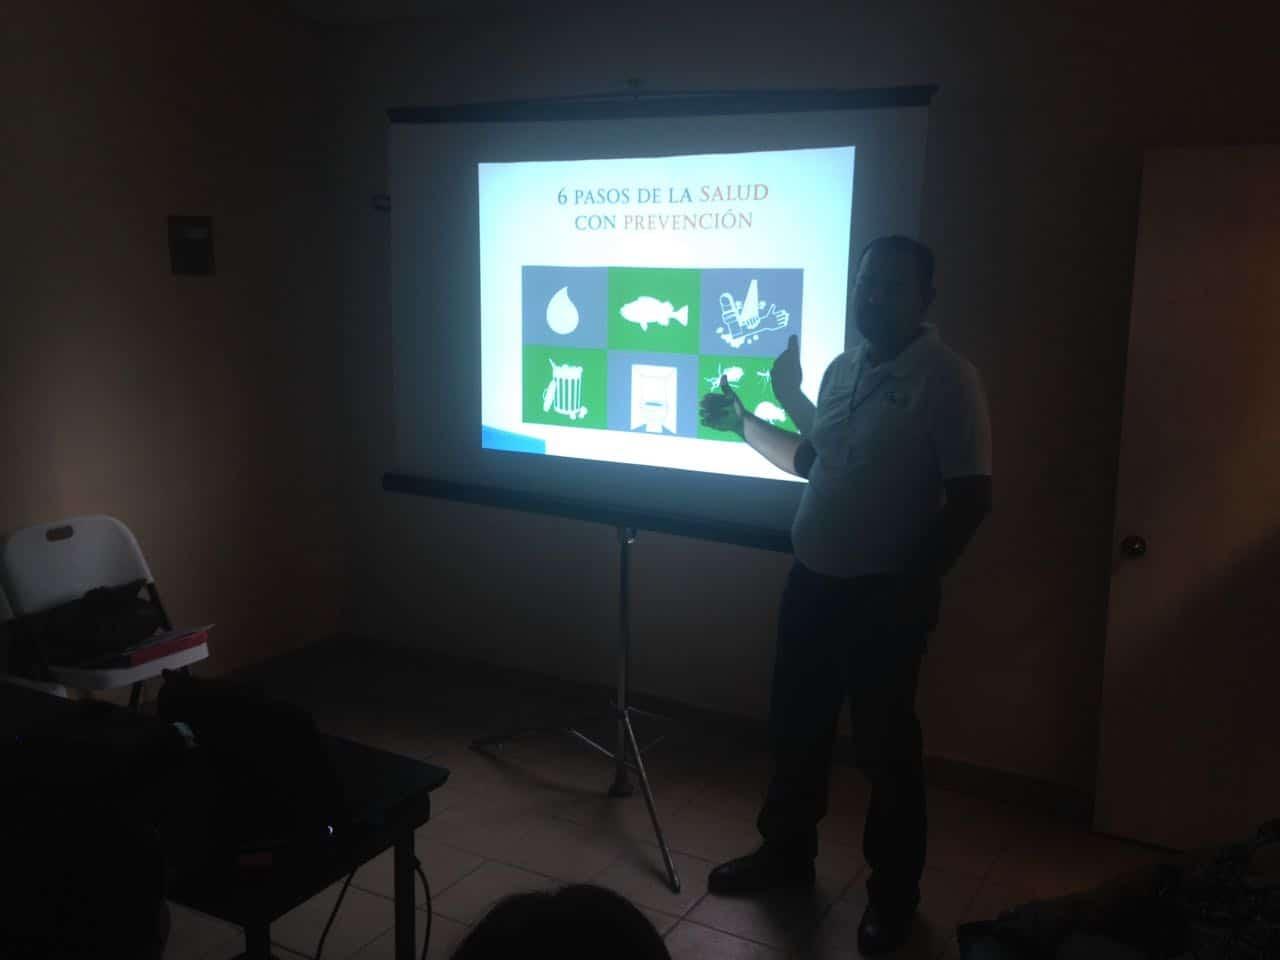 PROYECTAN. A través de un proyector y/o imágenes, el personal de la Coepris explicó con más detalle los 6 Pasos de la Salud con Prevención.